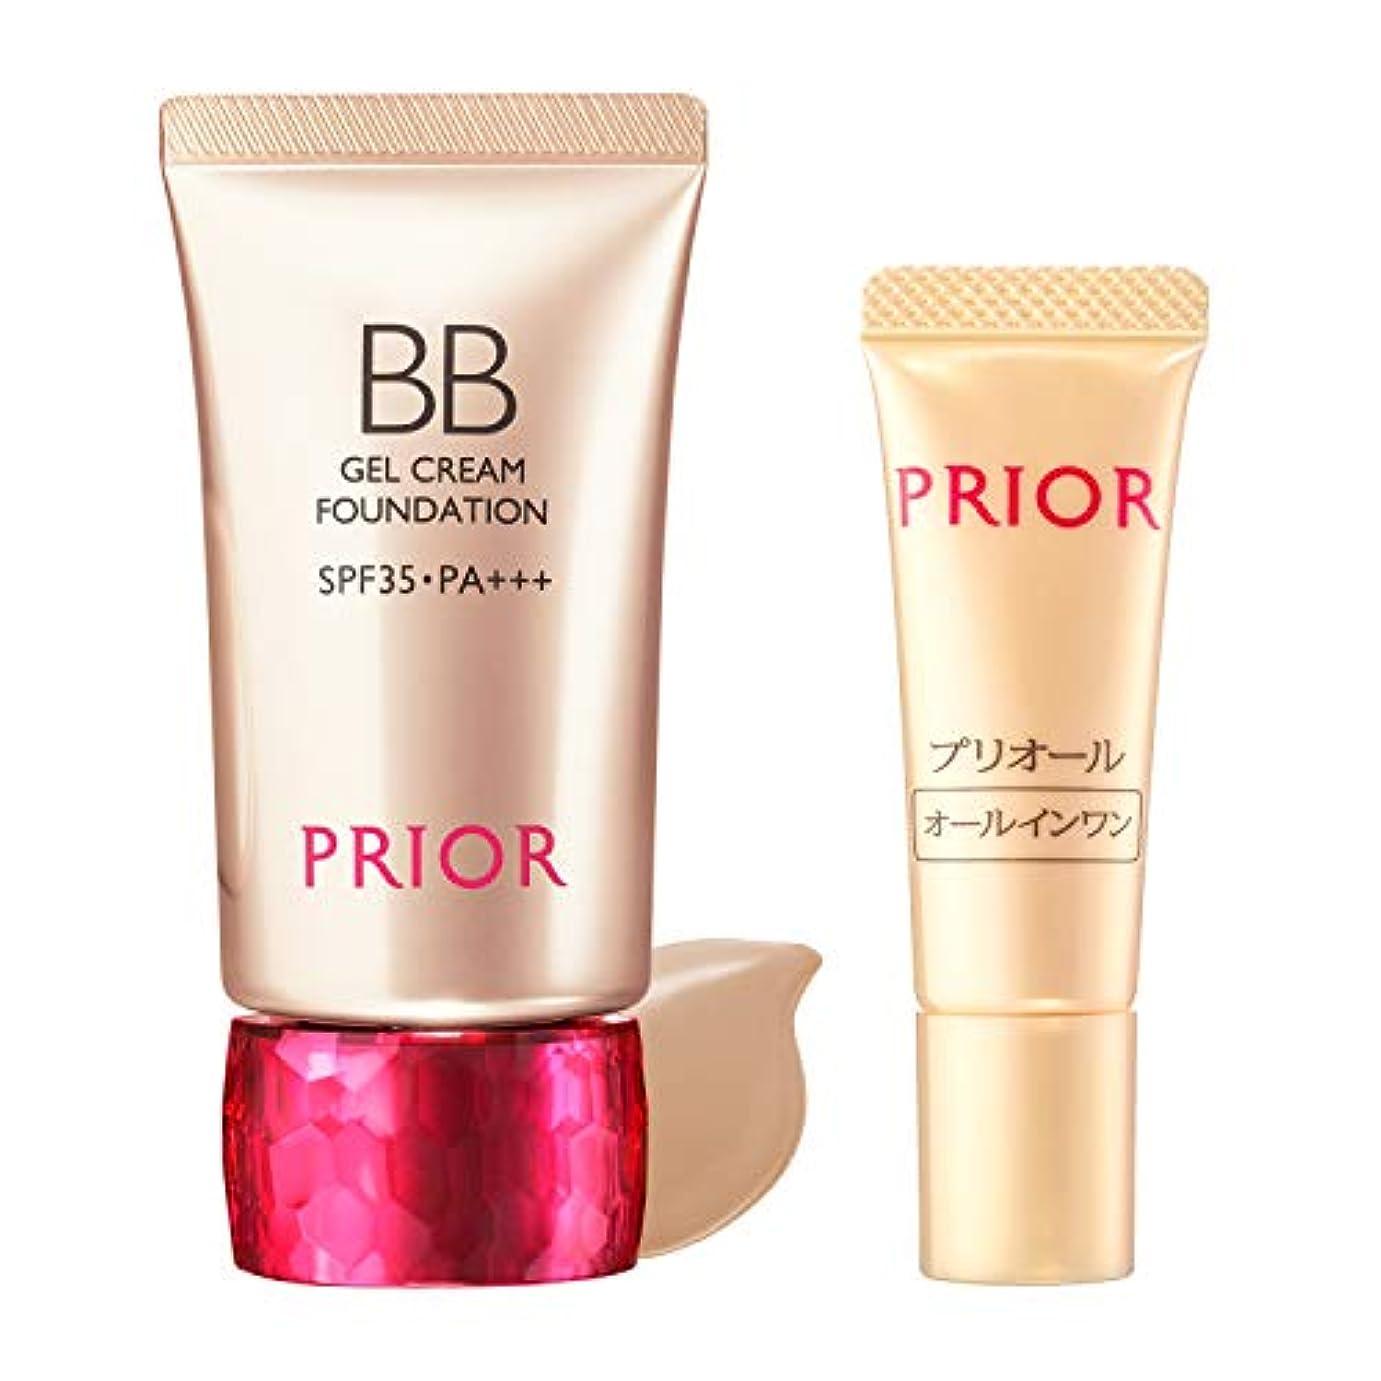 叫び声測定可能妊娠したPRIOR(プリオール) 美つやBBジェルクリーム 限定セット g BBクリーム オークル3(セット品) 30g+1g